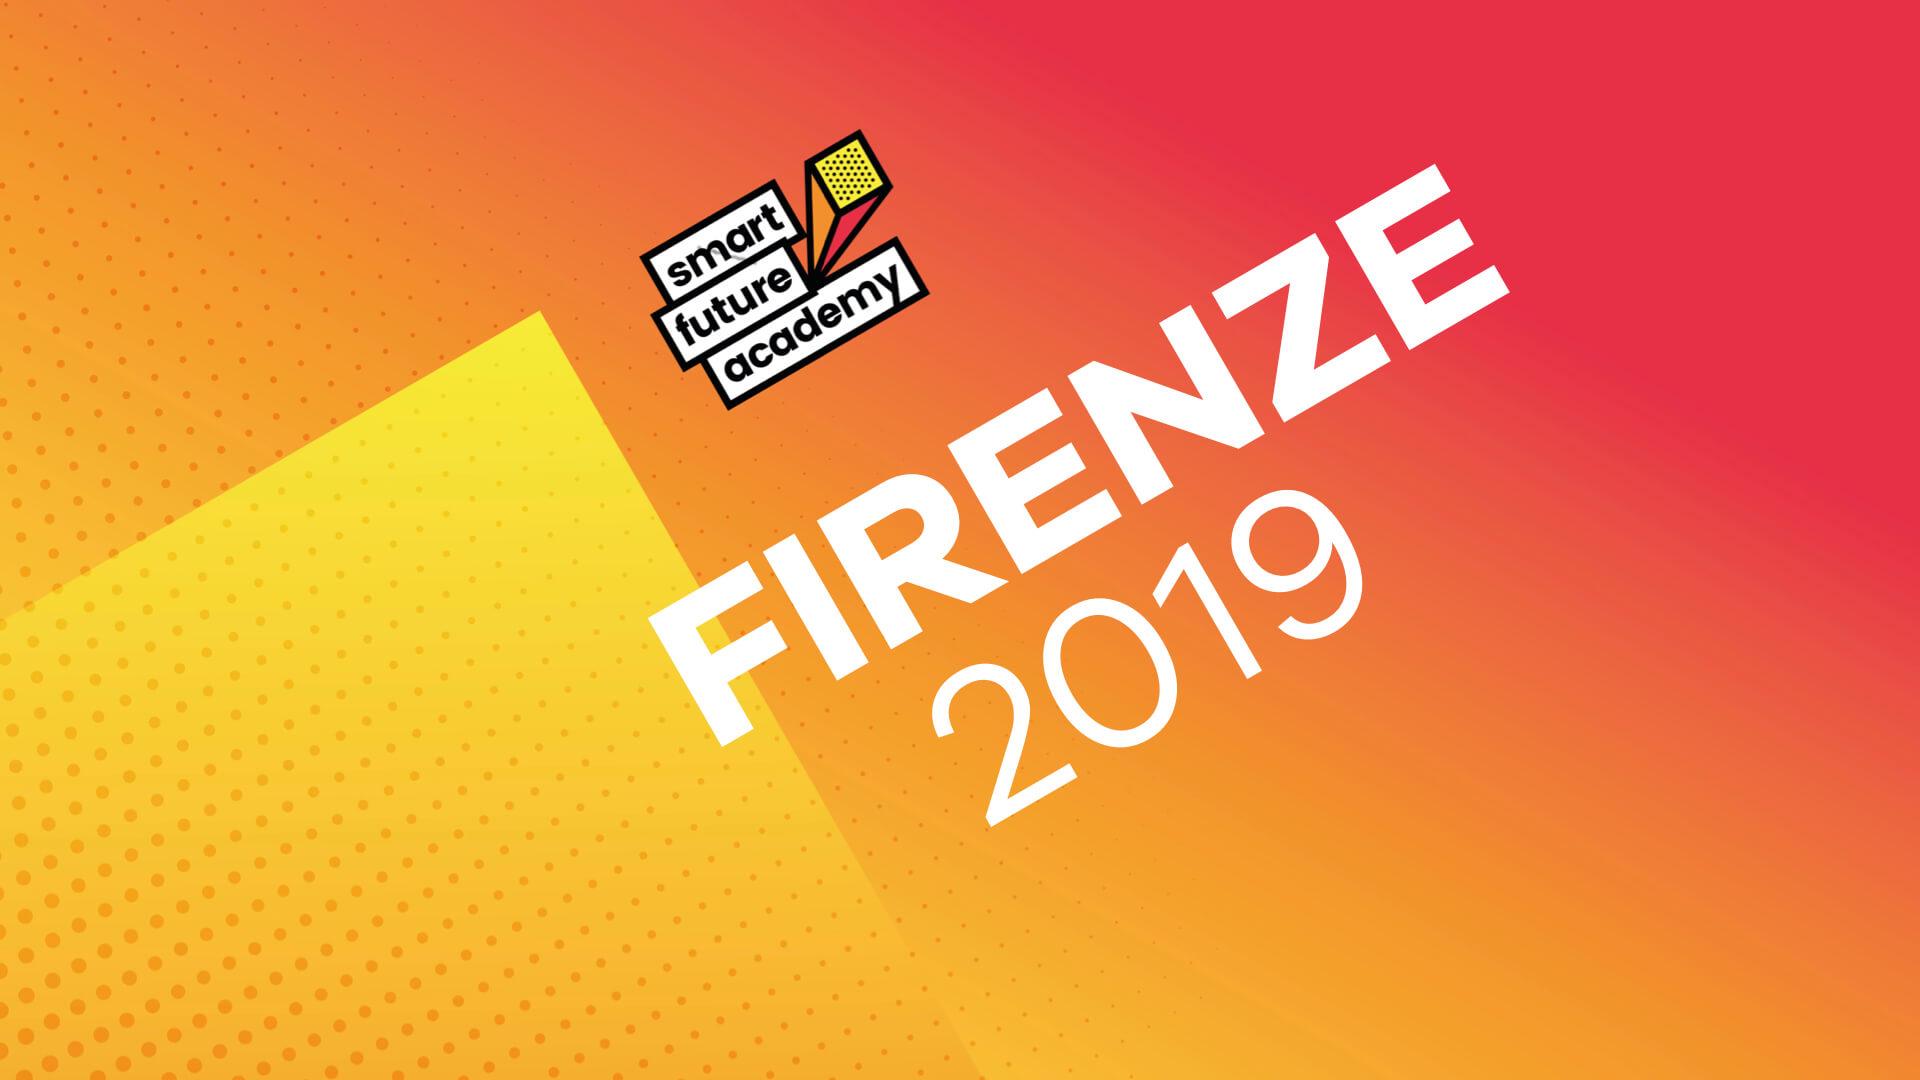 Firenze 2019